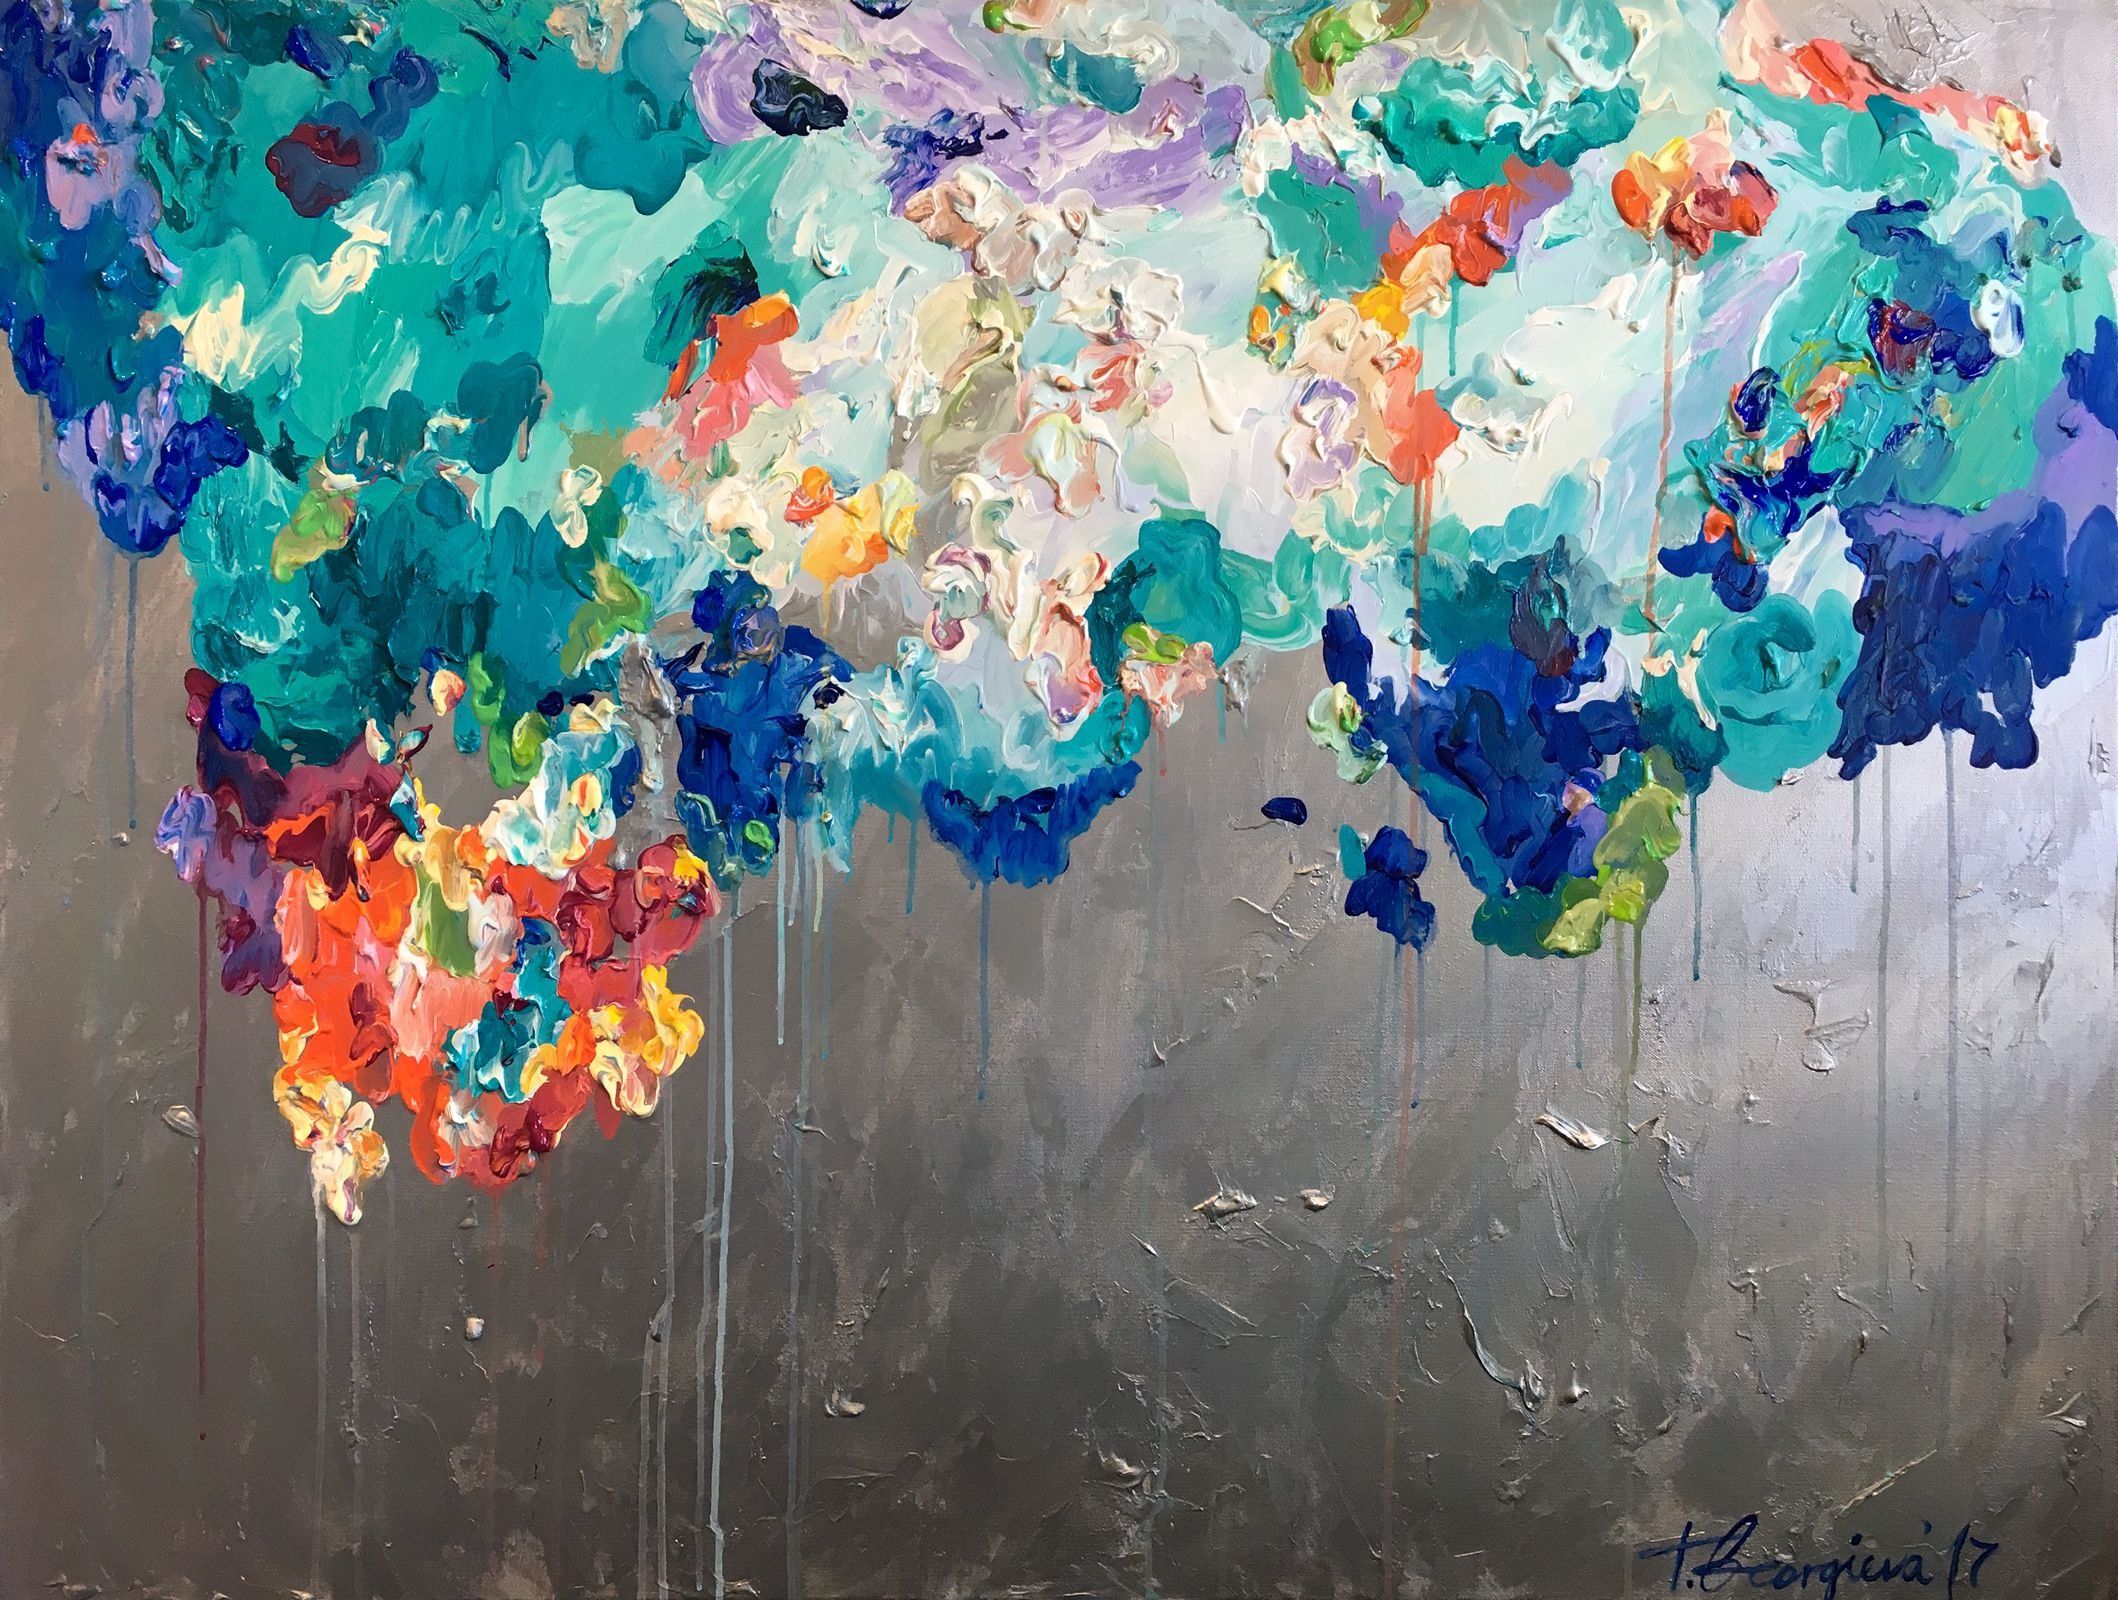 'Donum' - 120x90cm by Tat Georgieva